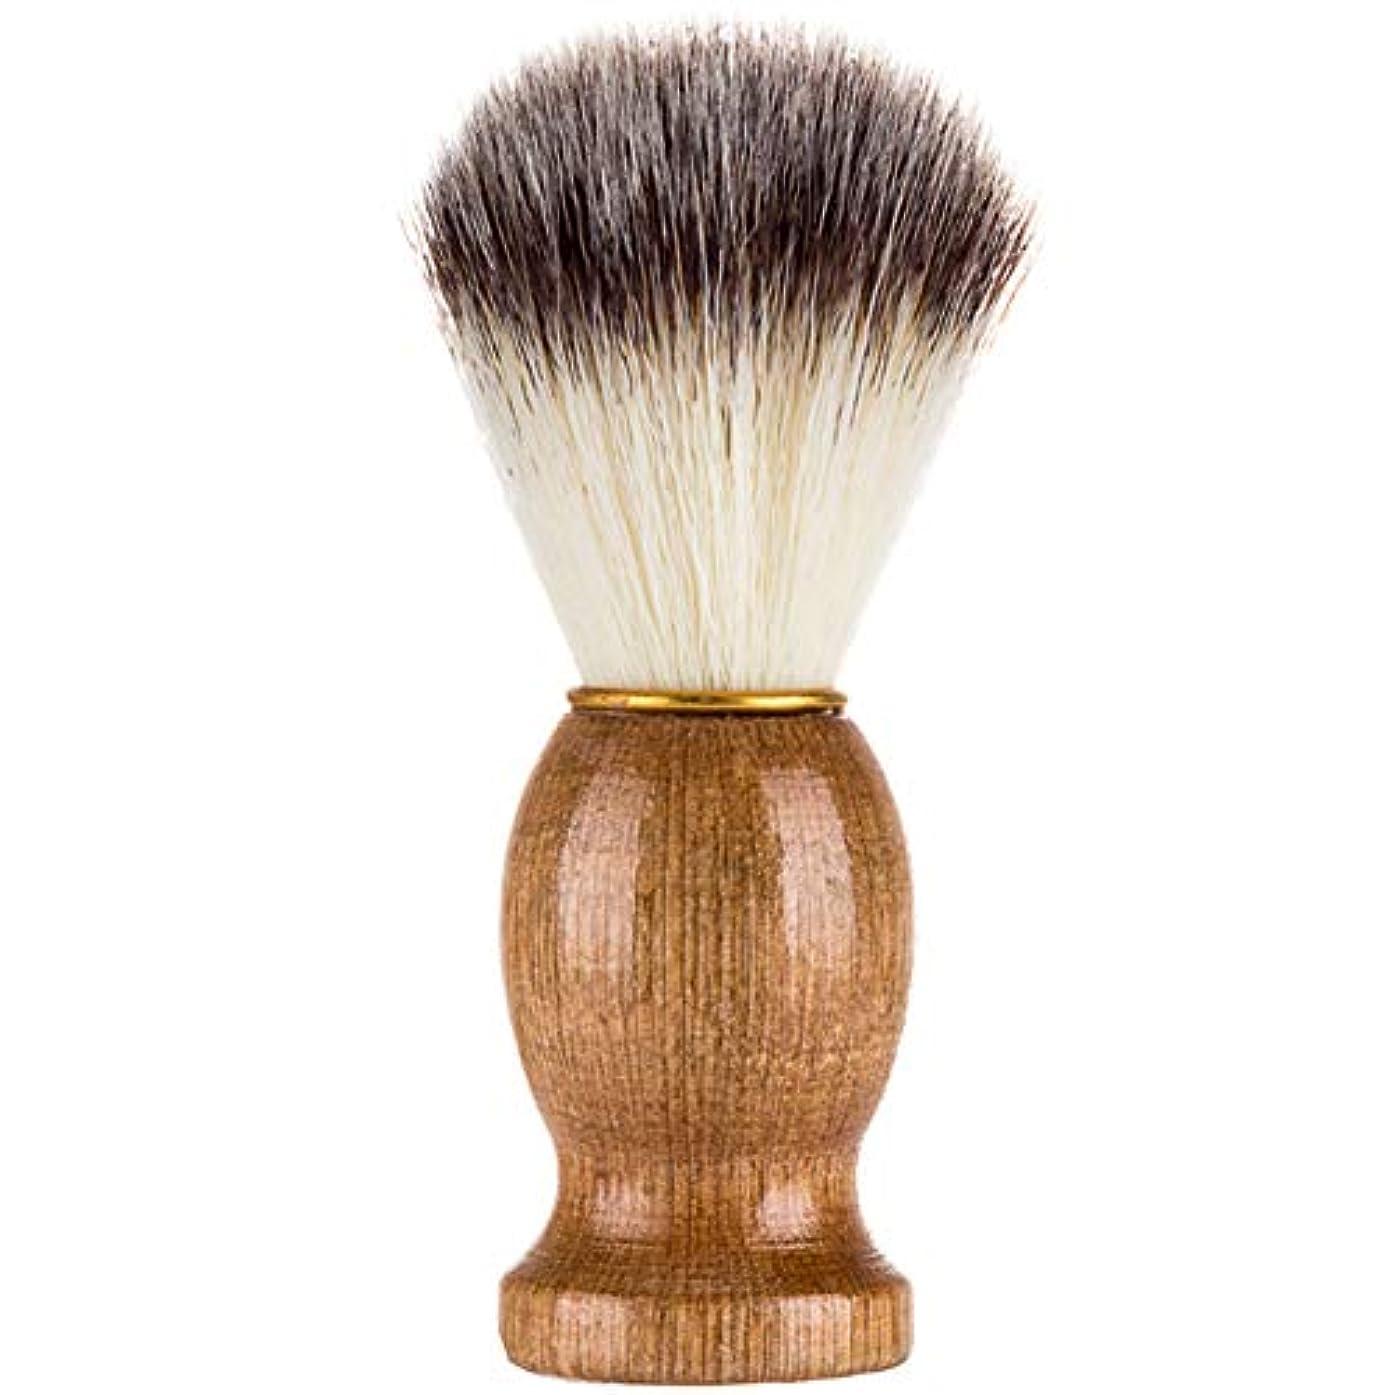 Profeel シェービングブラシ、シェービングブラシ、男性シェービングブラシシェービングかみそりブラシサロン理髪店用ツールひげ剃り用品